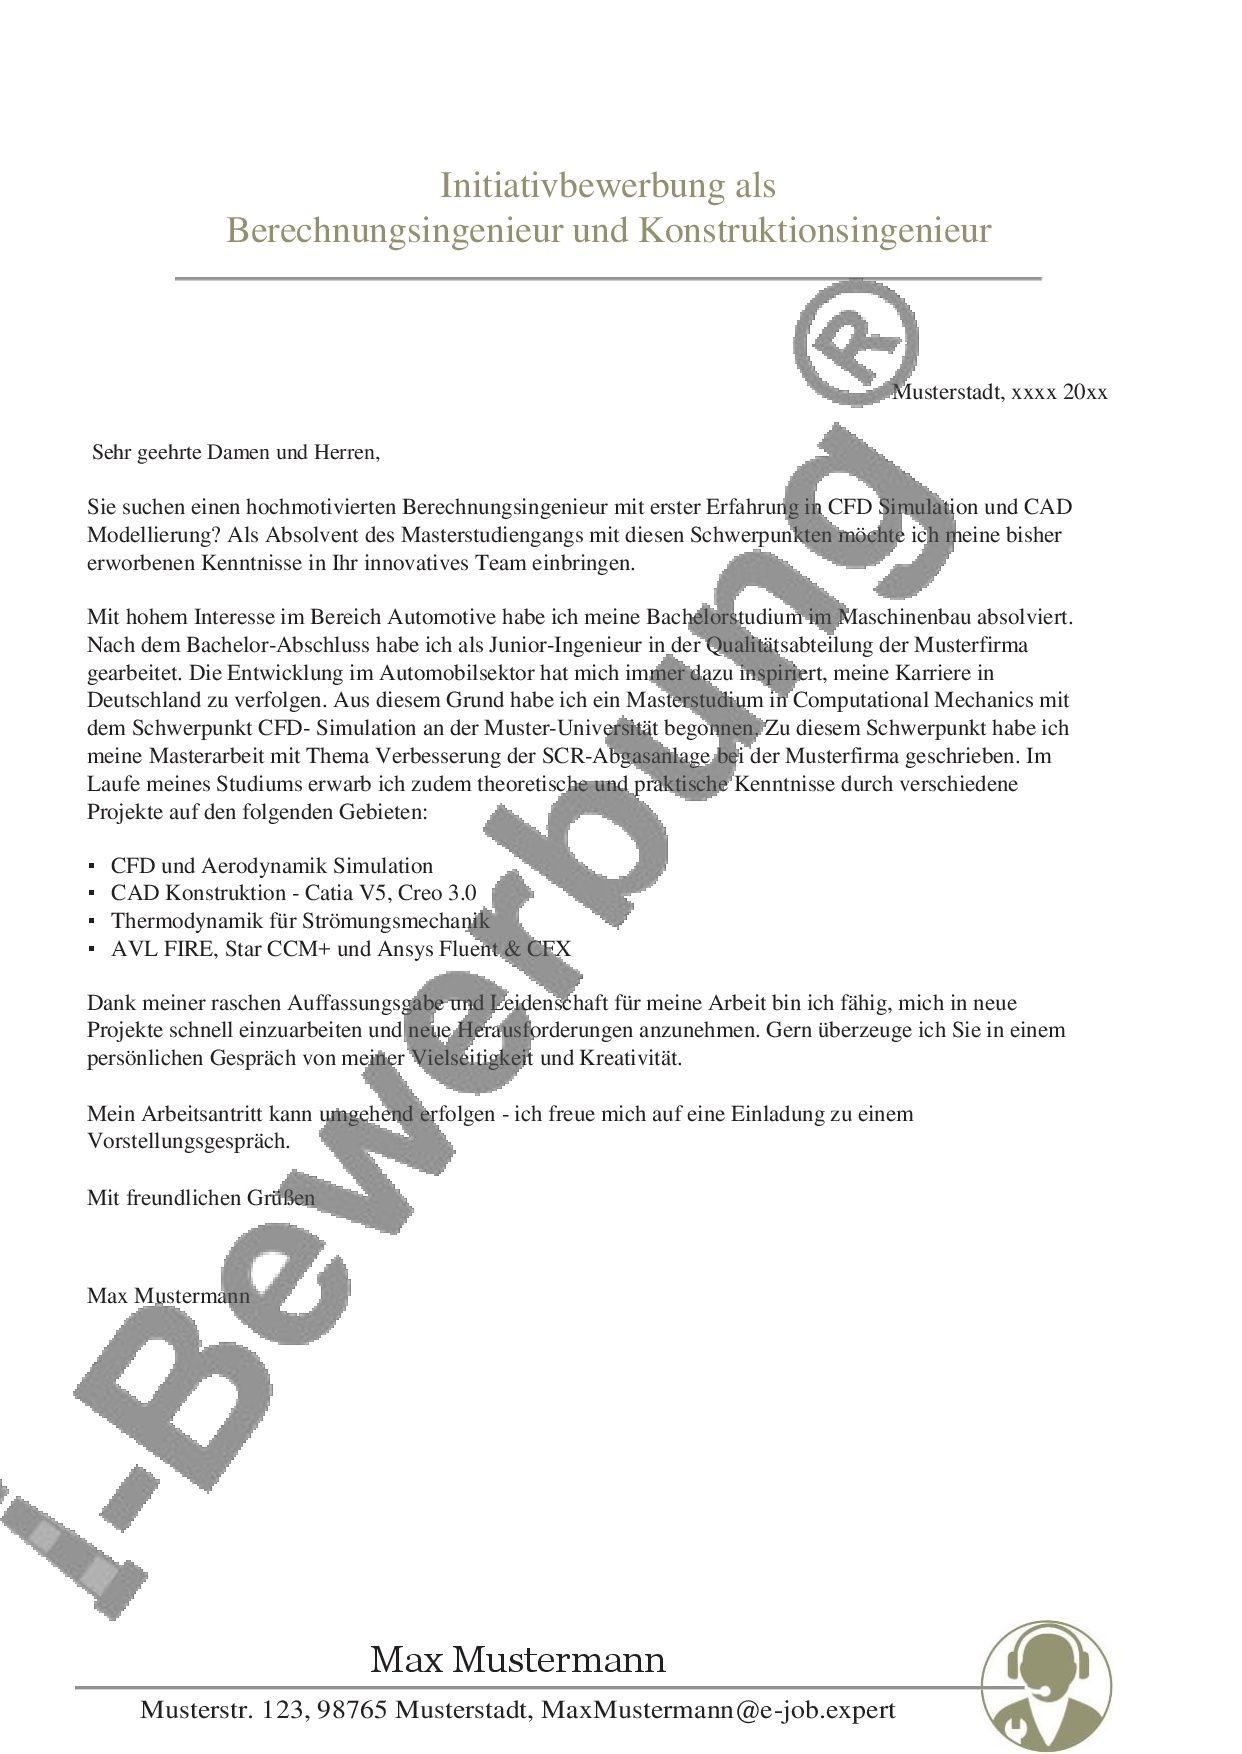 Anschreiben Zur Initiativbewerbung Als Berechnungsingenieur Bewerbung Lebenslauf Vorlage Anschreiben Bewerbung